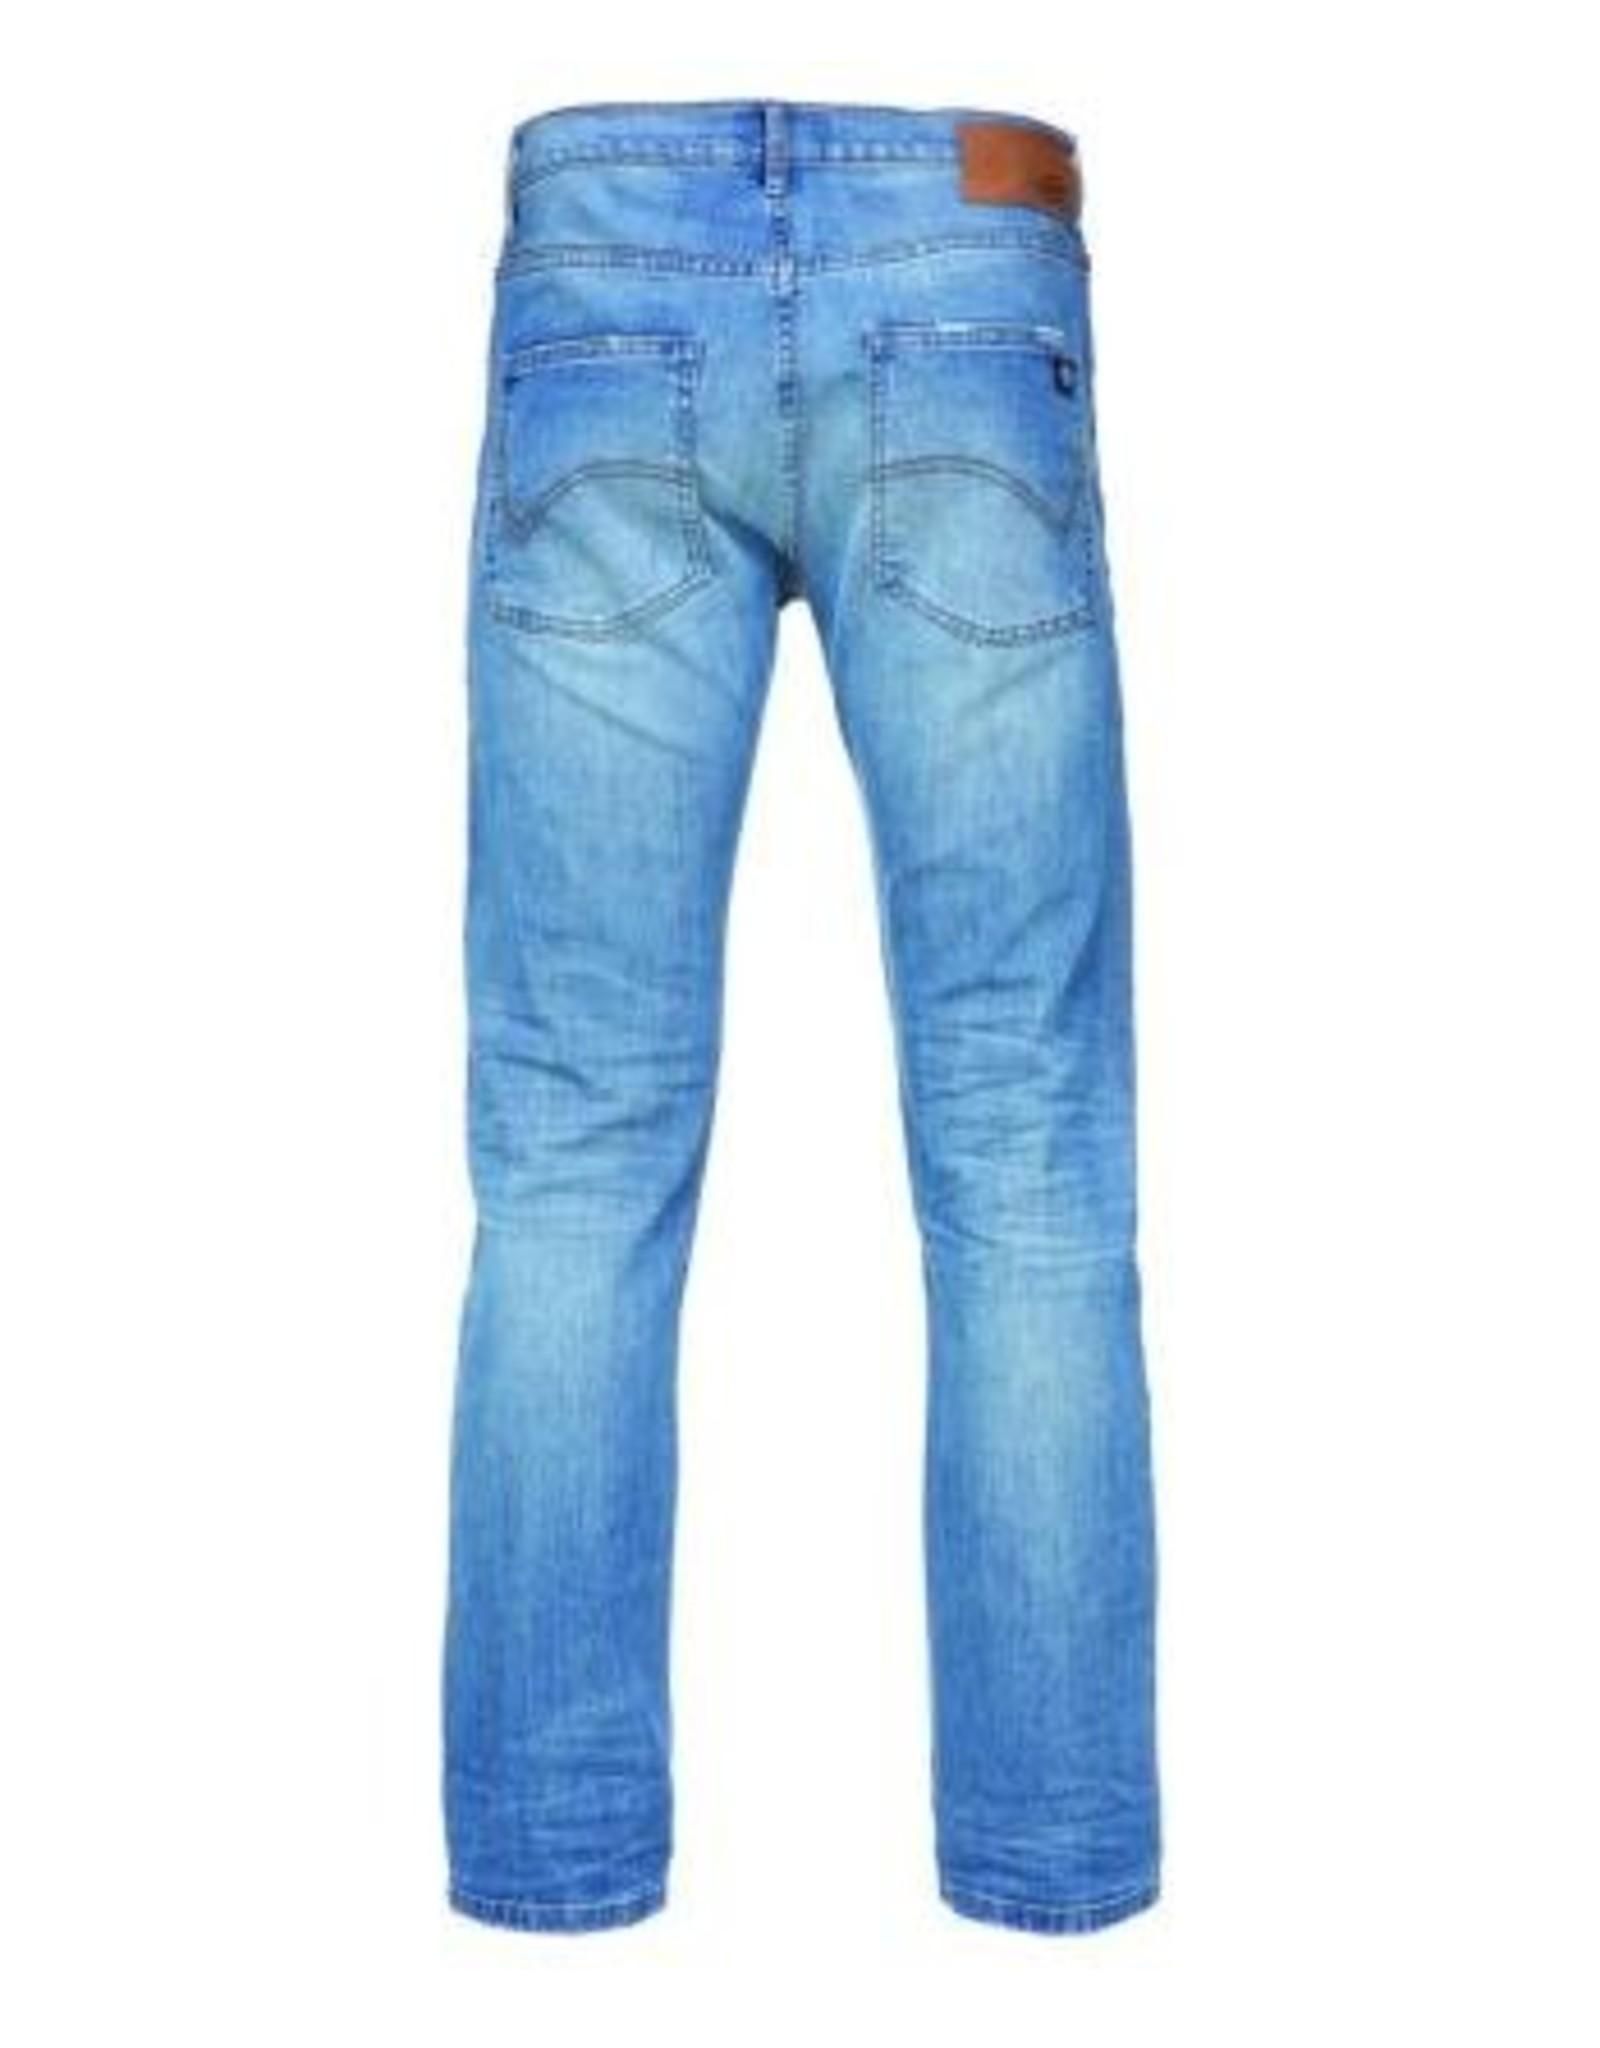 Dickies Dickies Rhode Island Jeans